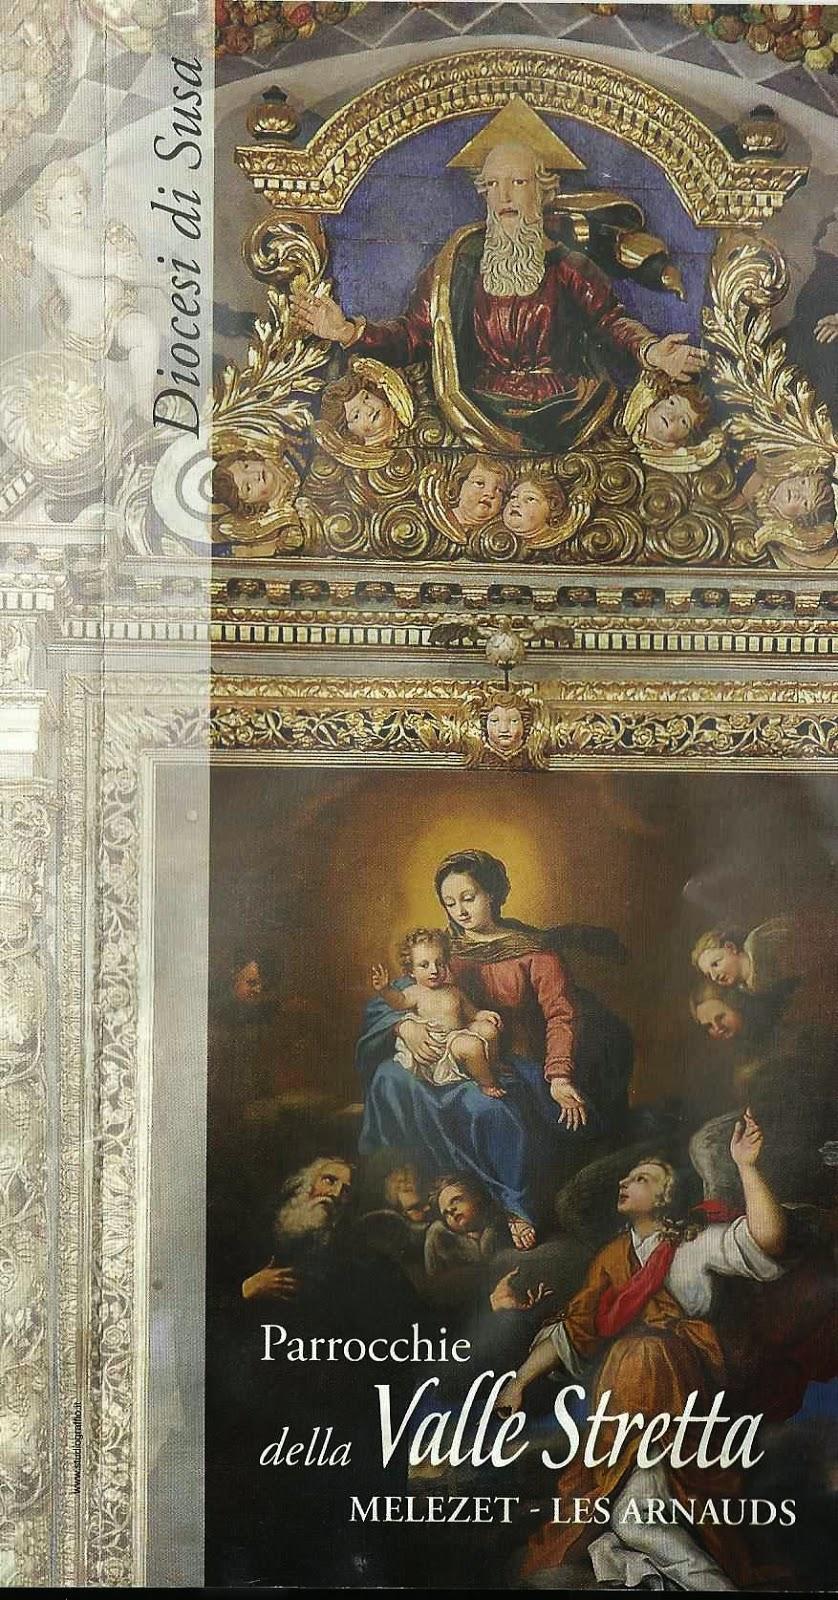 le parrocchie della Valle Stretta